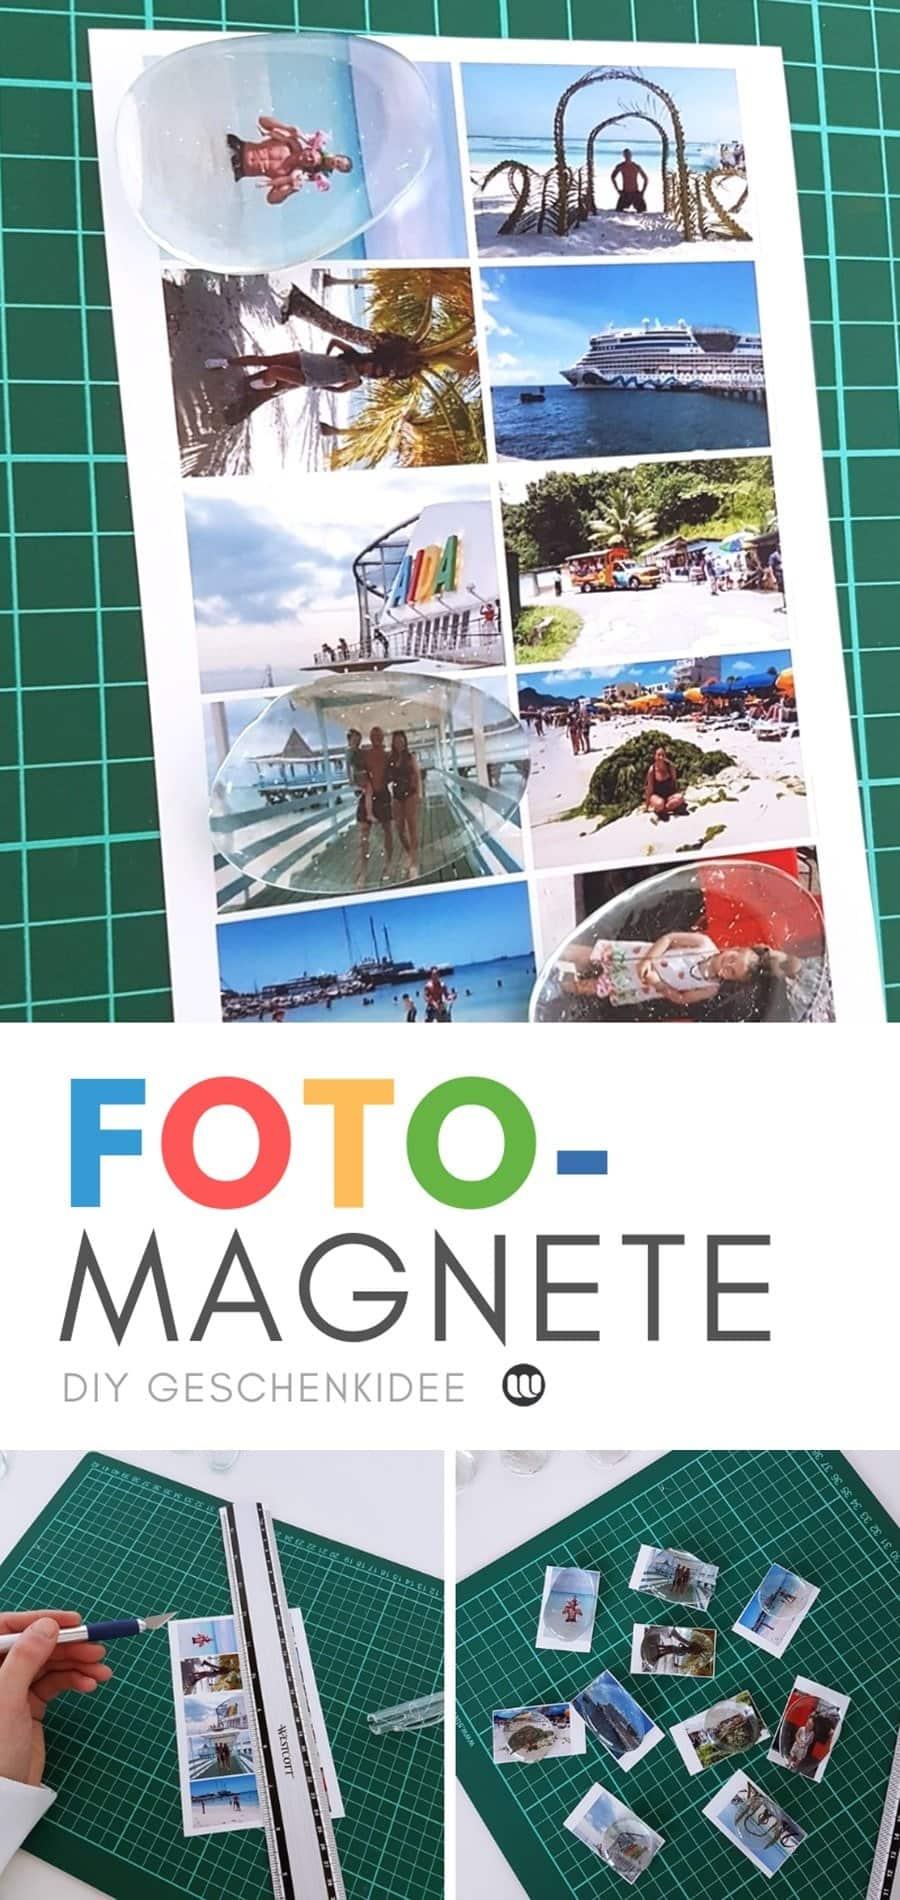 Fotomagnete selber machen und gestalten. Einfache Anleitung für ein selbstgemachtes Fotogeschenk. Schnelle DIY Bastelidee.